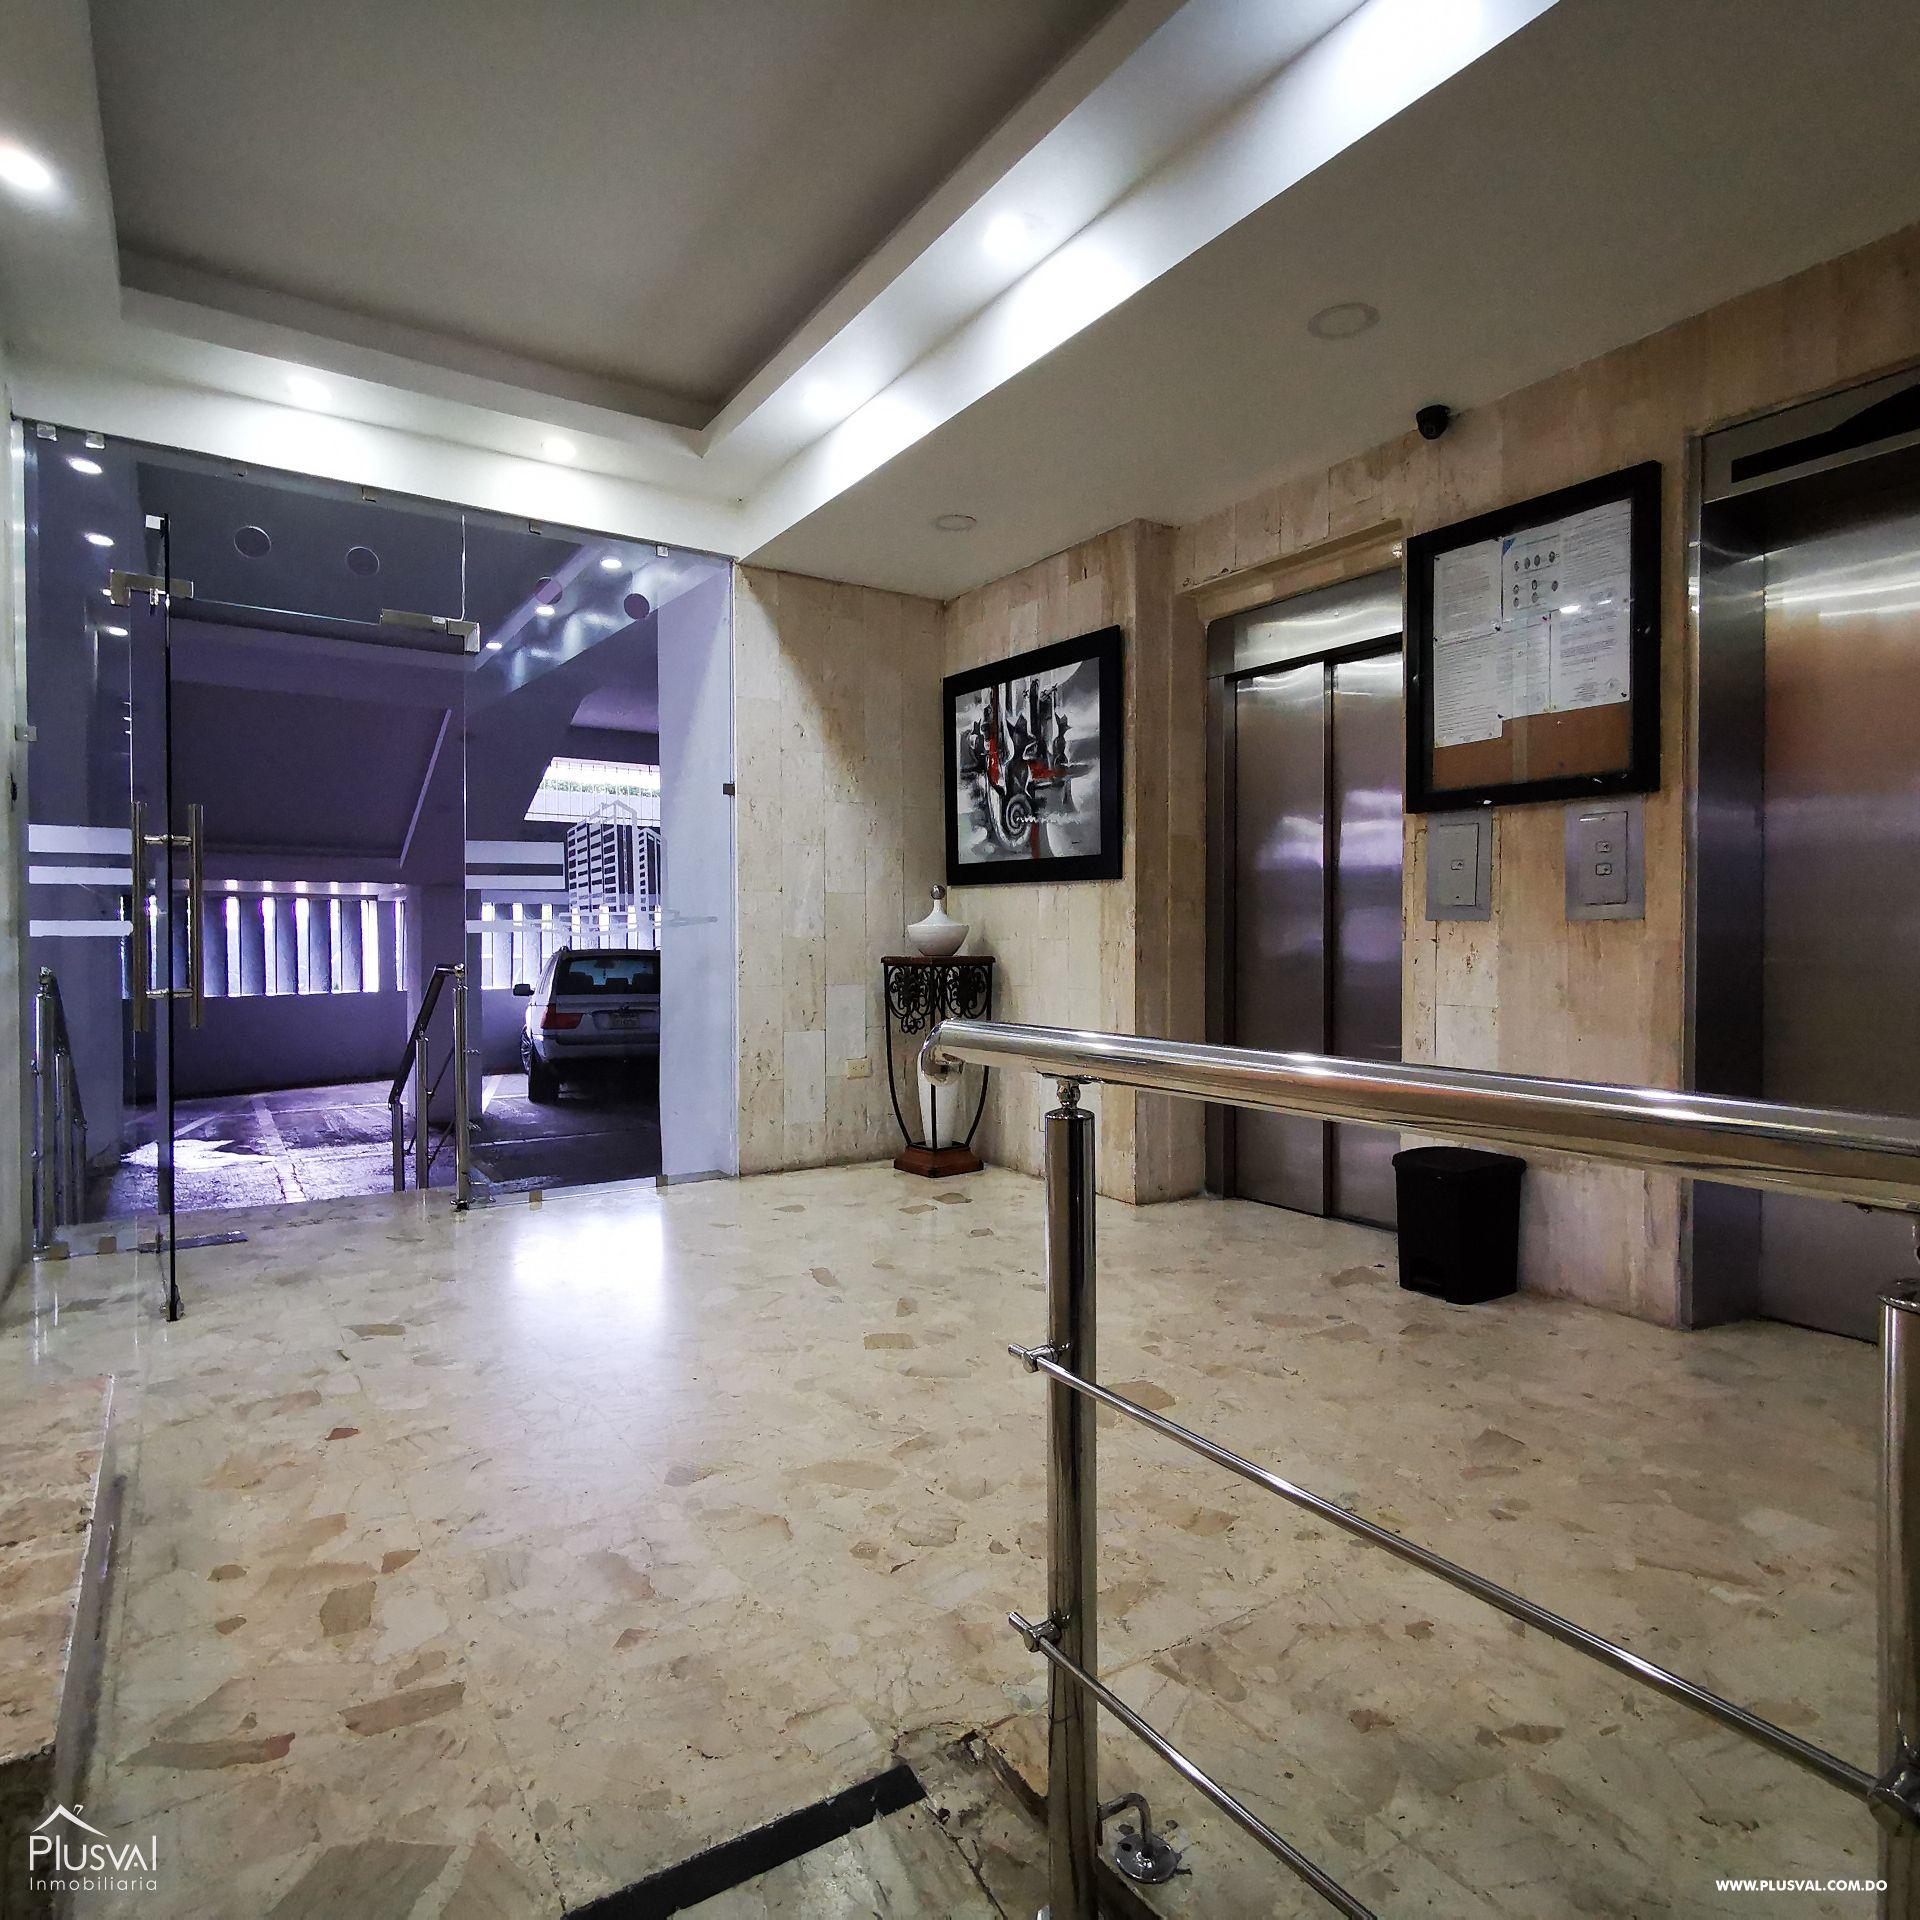 Penthouse de Oportunidad en Piantini con las Mejores Areas Sociales de la Ciudad 162090